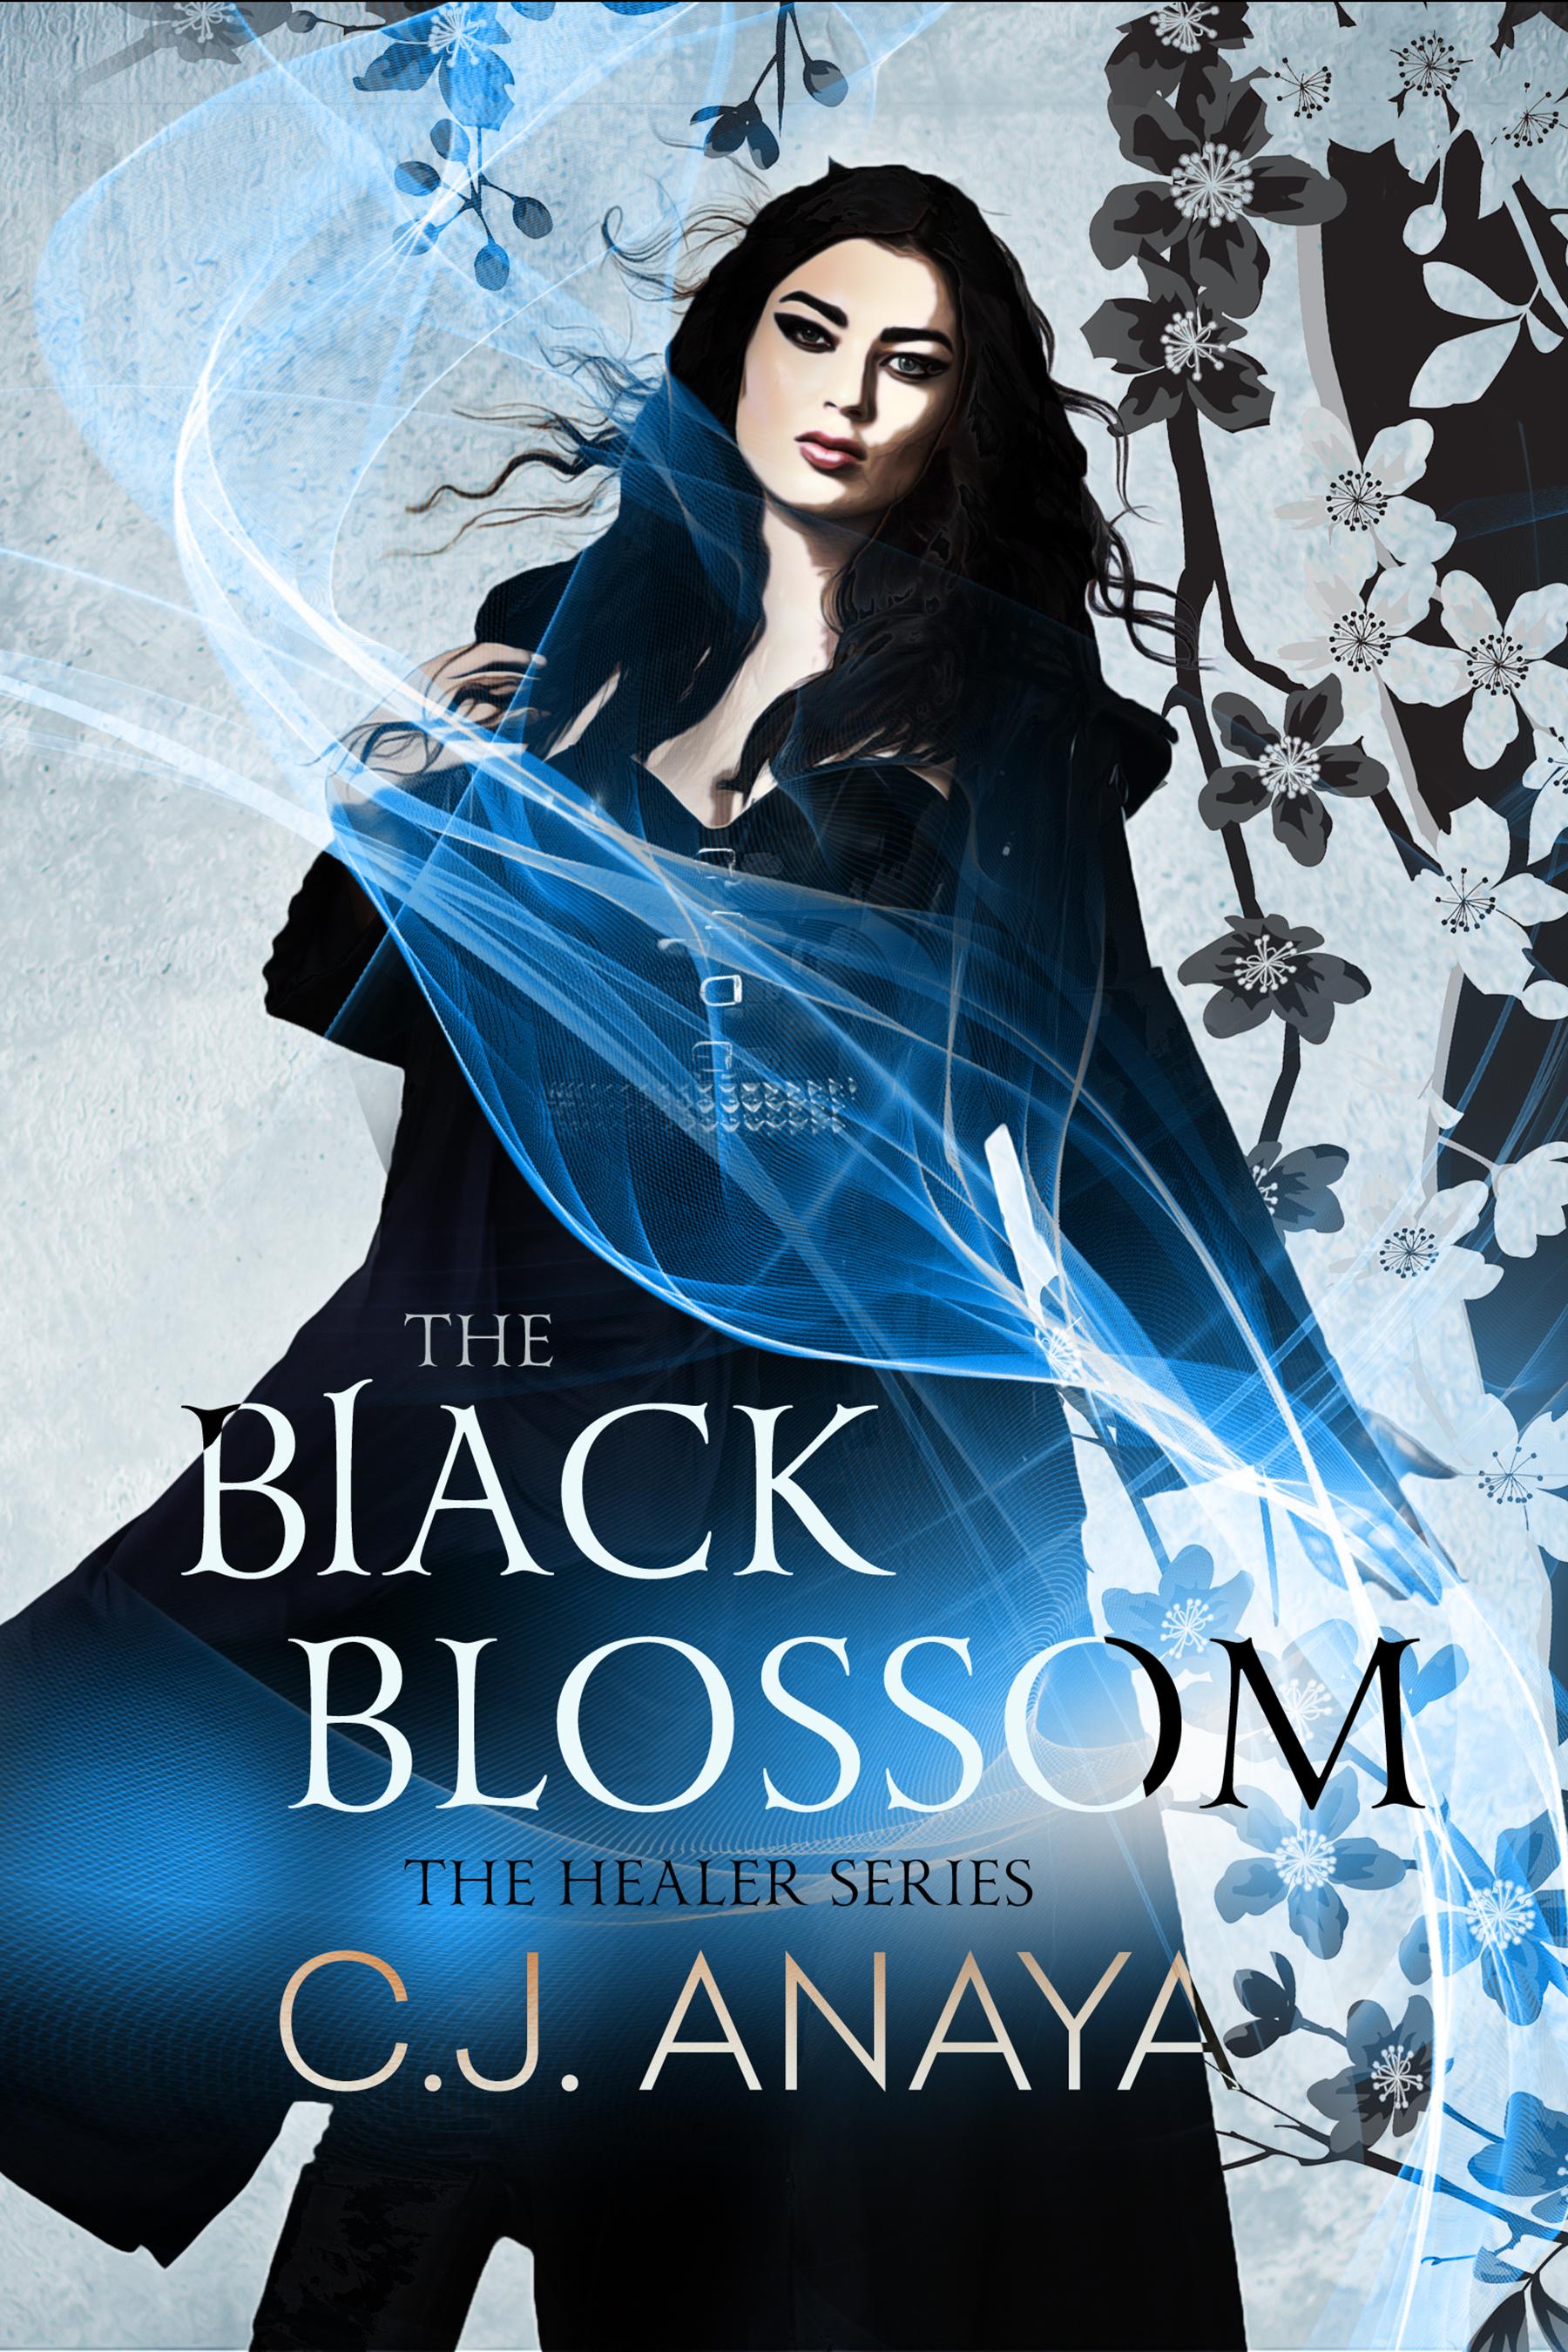 TheBlackBlossom-CJAnaya.jpg